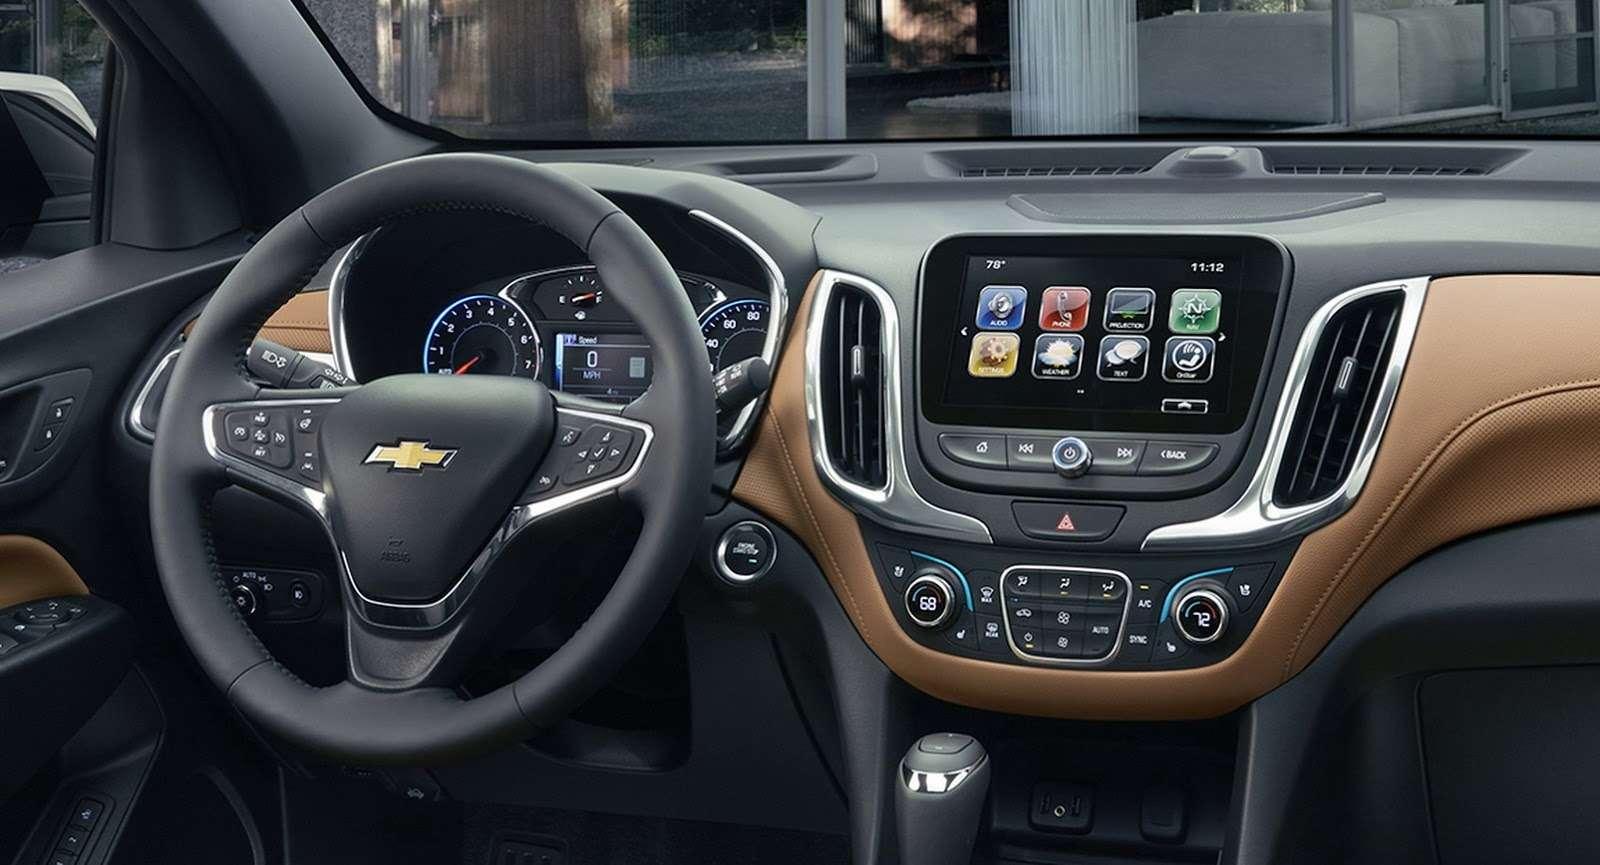 Поевропейским заветам: новый Chevrolet Equinox пошел тропой даунсайзинга— фото 638537